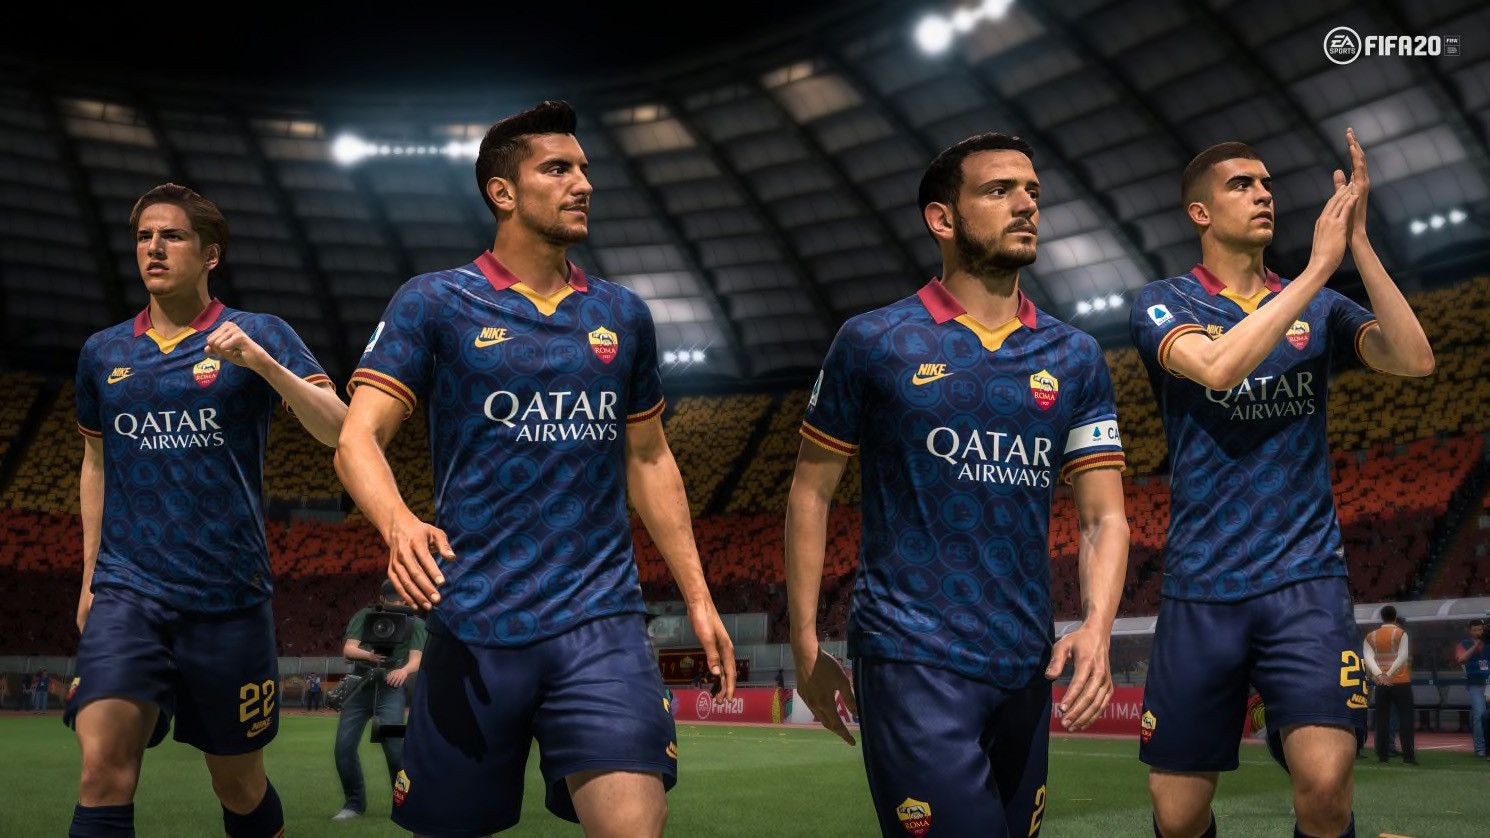 FIFA21 Roma FC è il nuovo nome di AS Roma